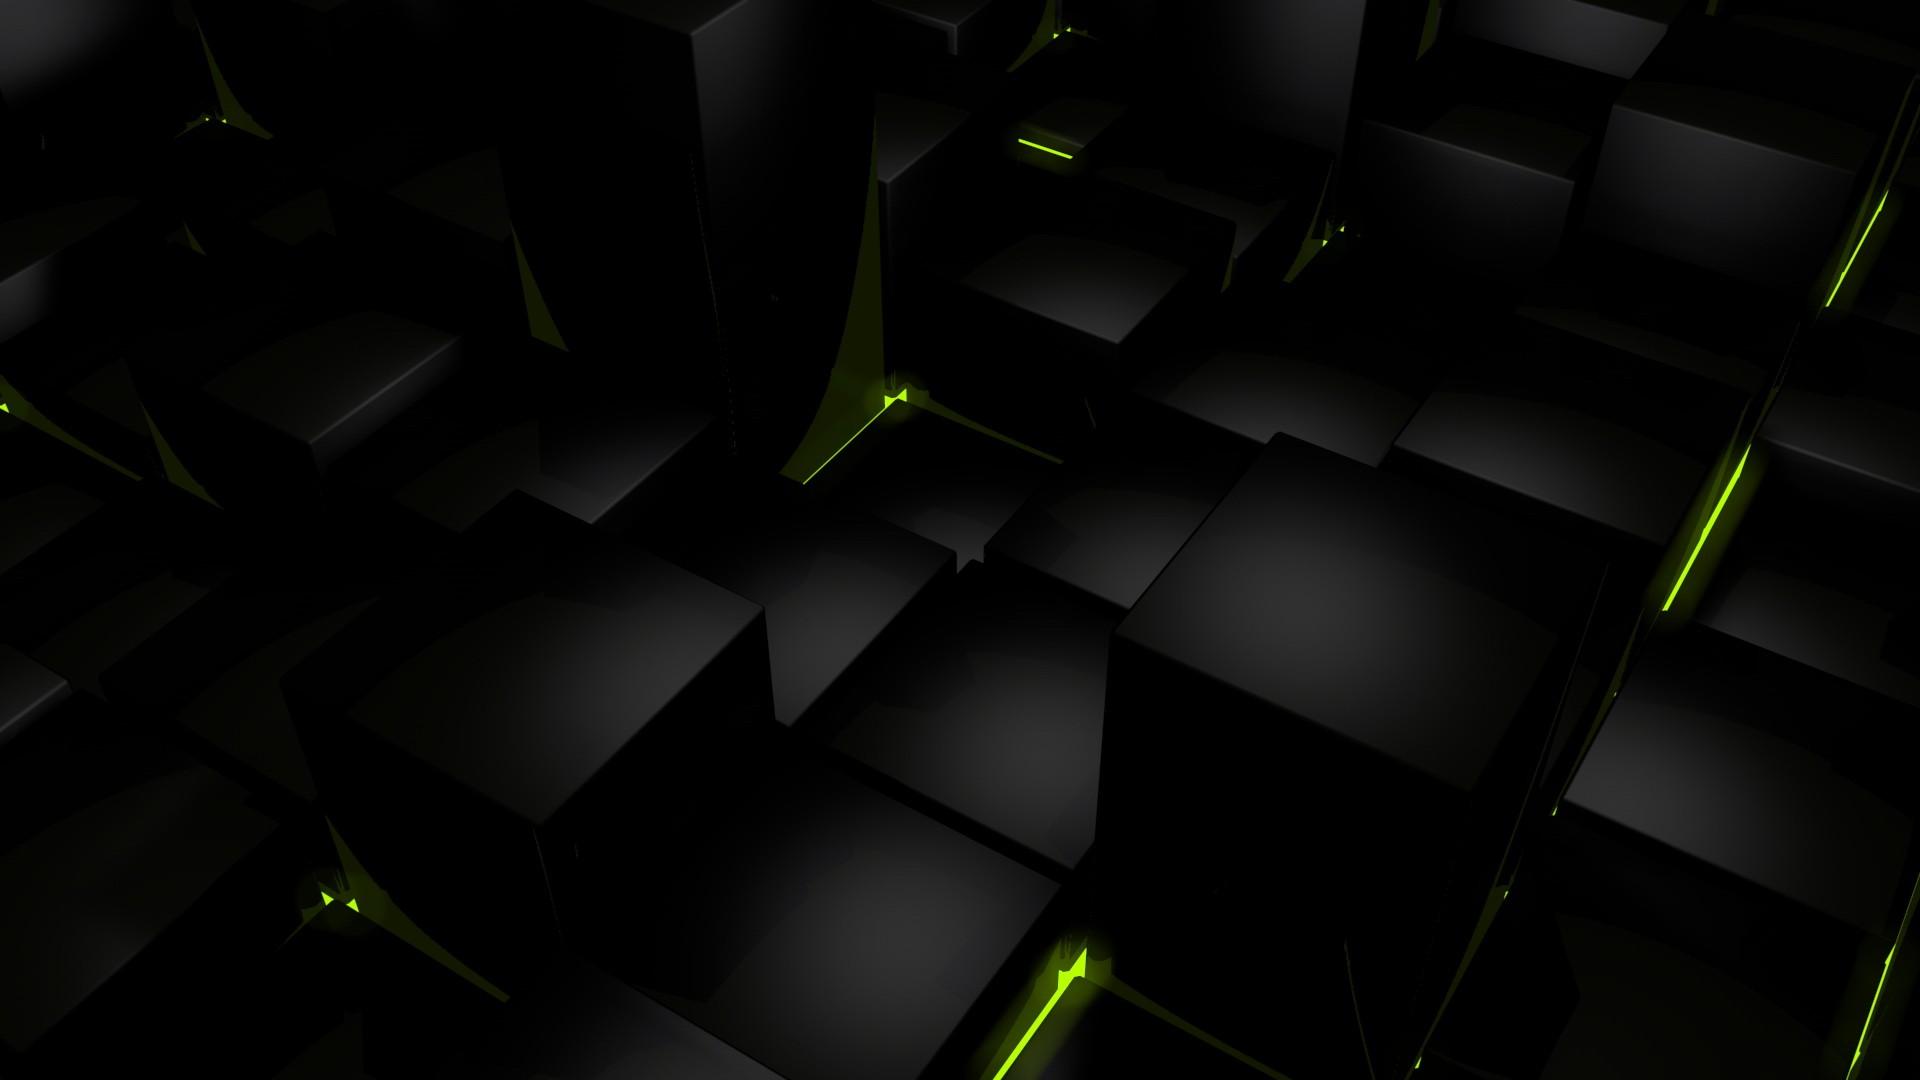 Black cubes wallpaper   678475 1920x1080